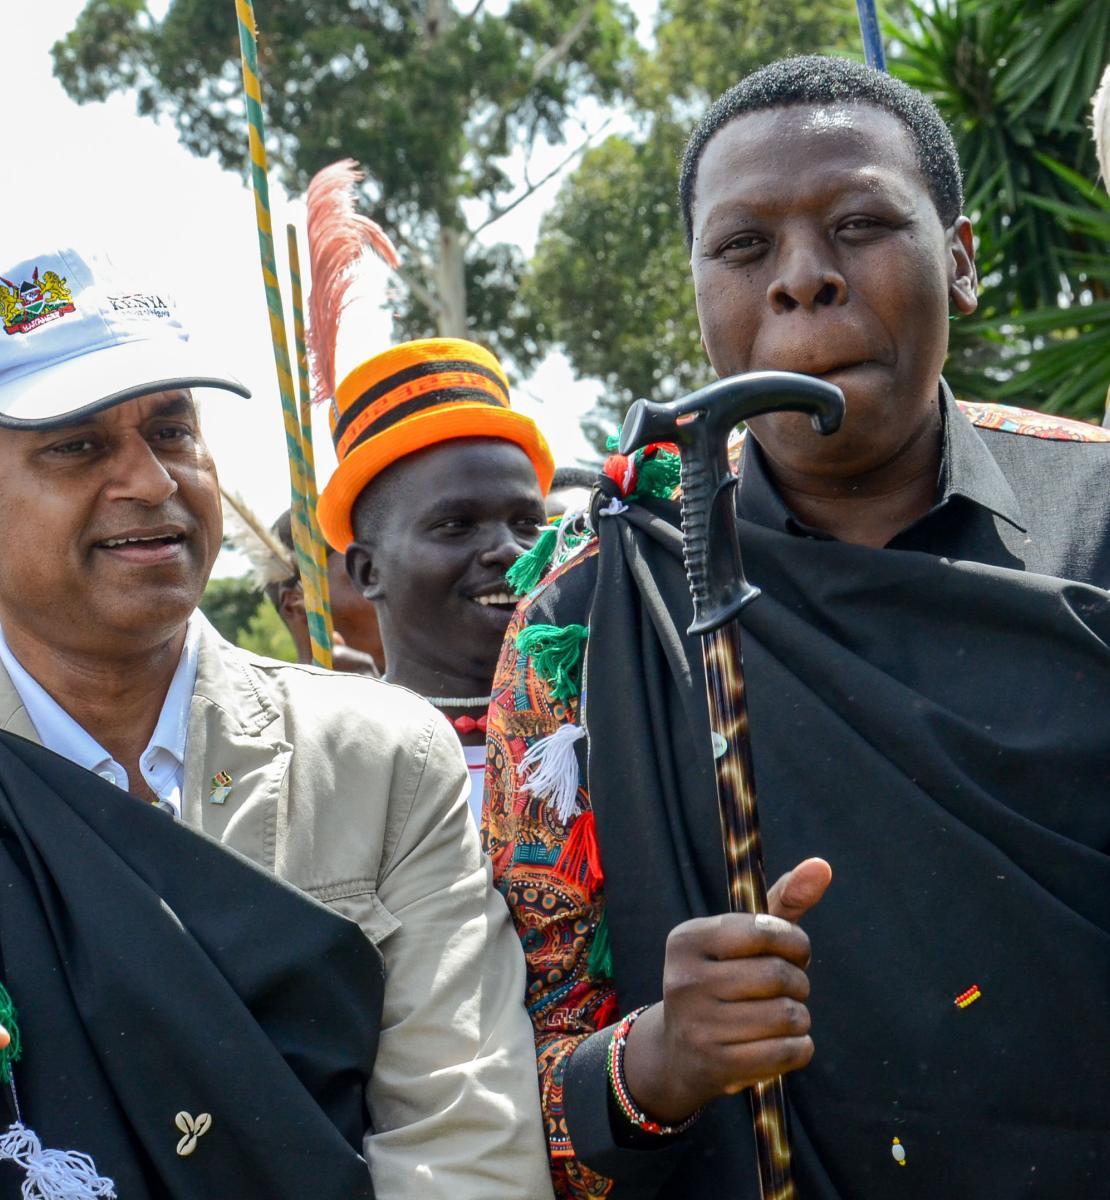 L'ancien Coordonnateur résident des Nations Unies au Kenya Siddharth Chatterjee, le Secrétaire de cabinet Eugene Wamalwa, des Chefs de mission des Nations Unies et d'autres partenaires de développement au Kenya.